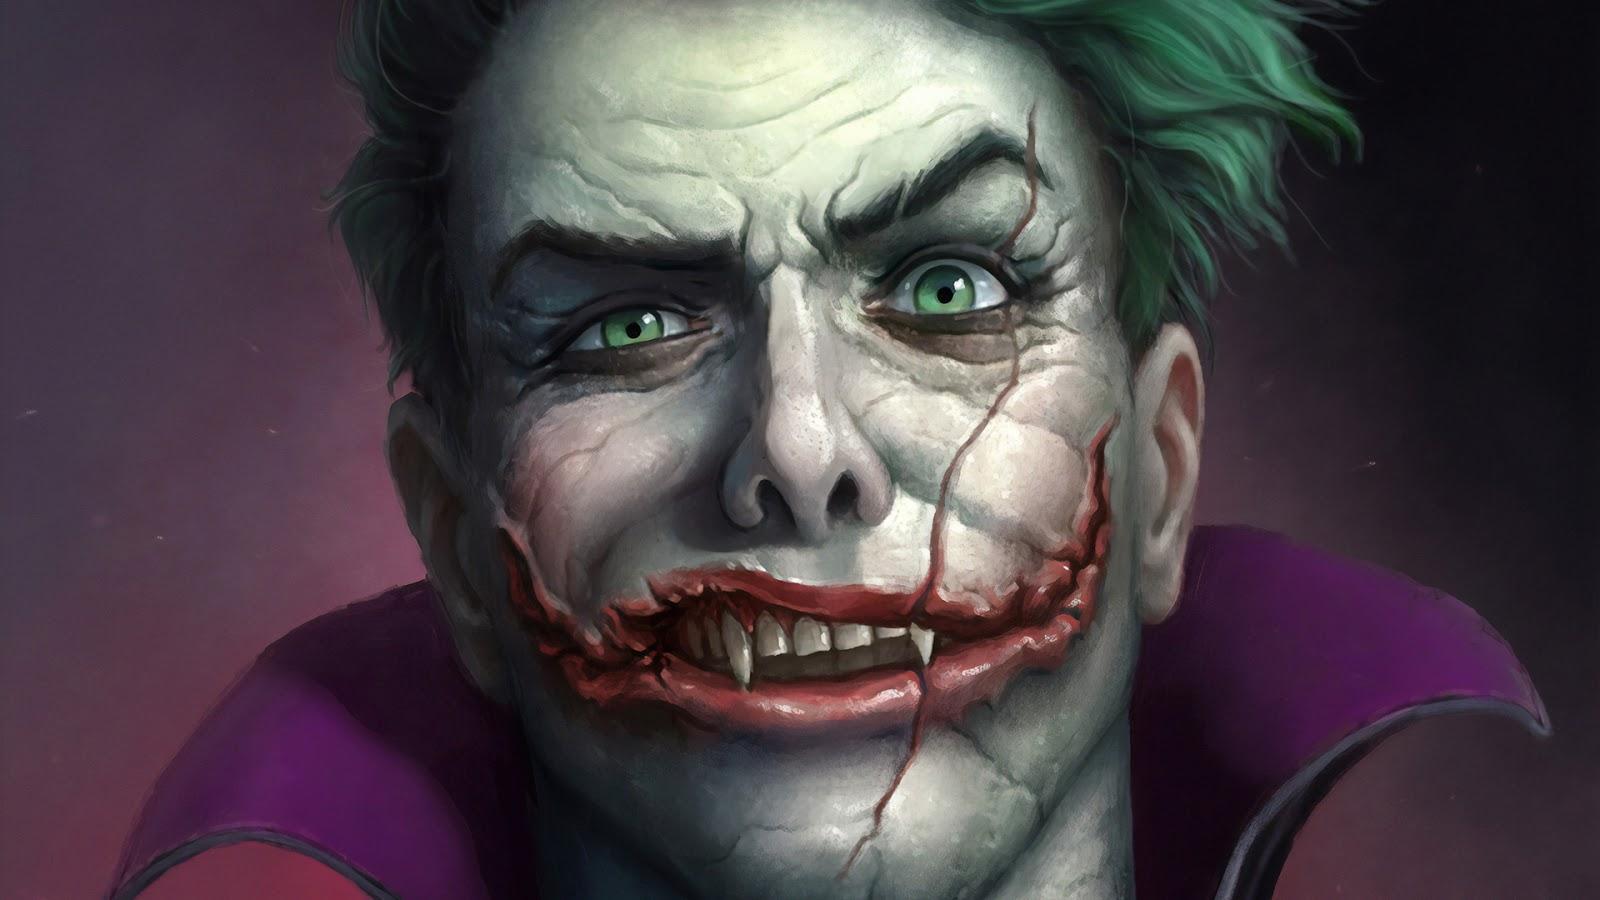 Joker Wallpaper Joker Wallpaper Hd 2020 Joker Weird 4k